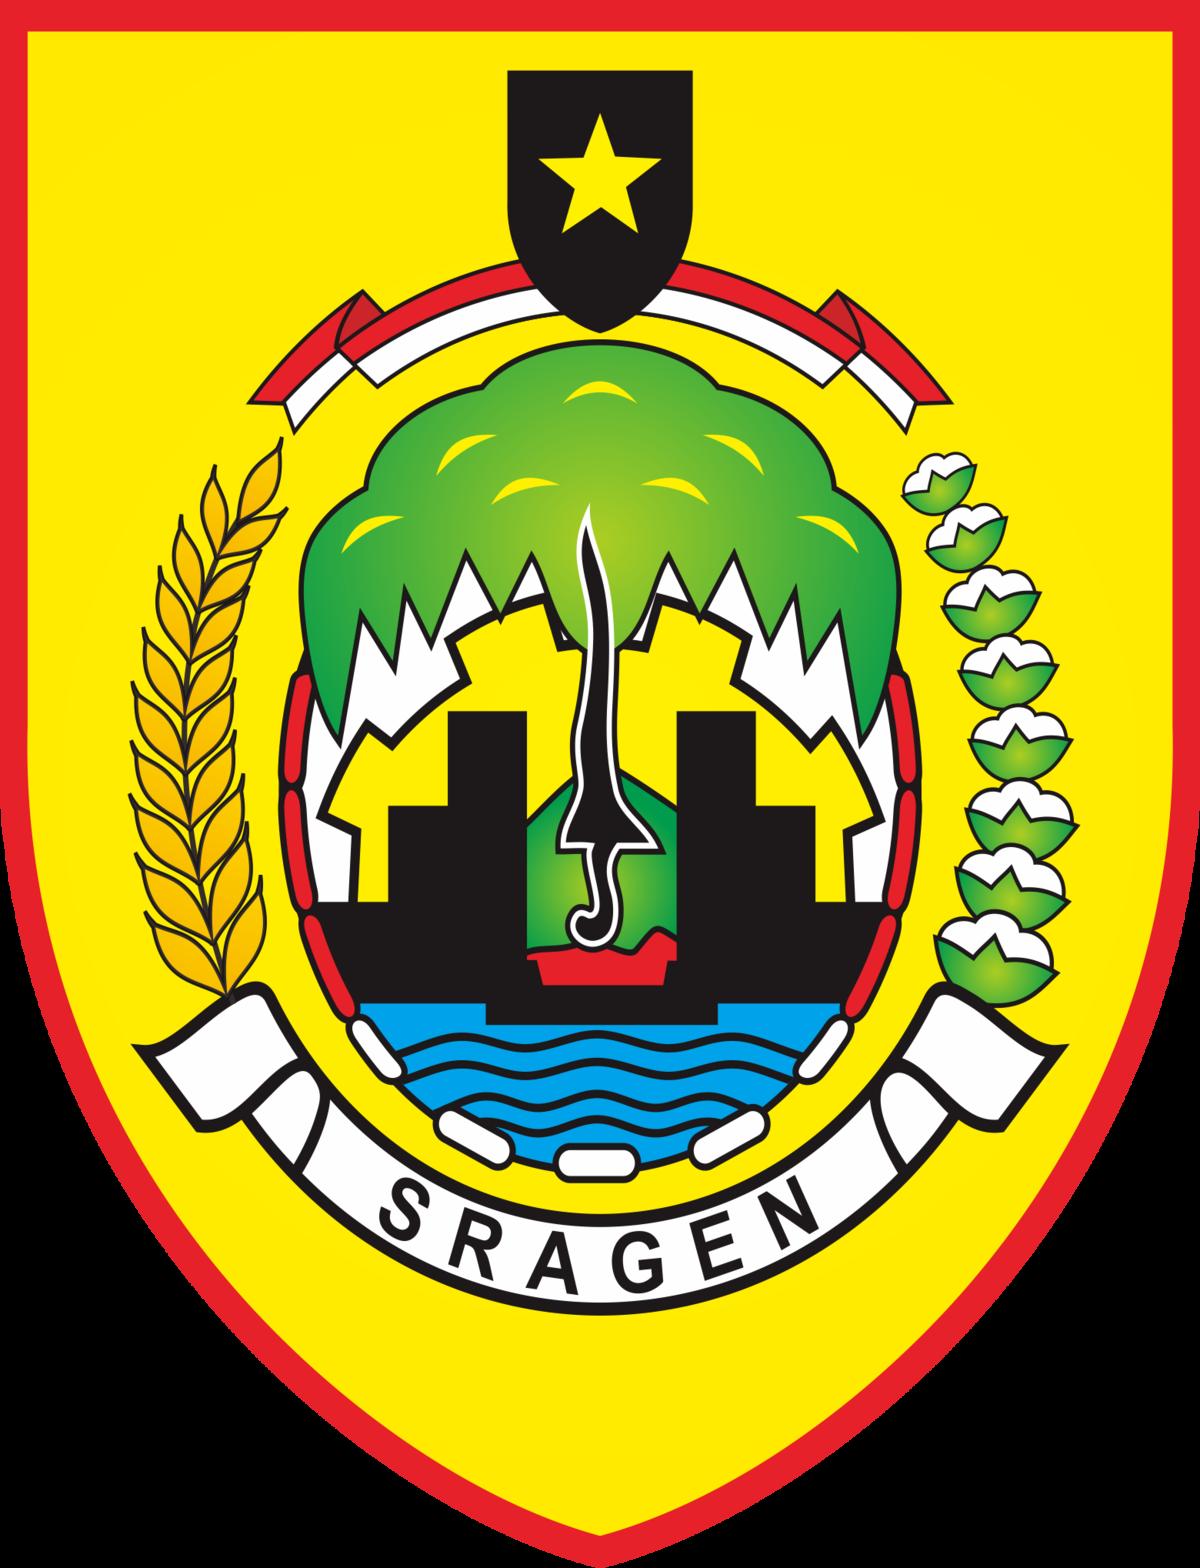 Kabupaten Sragen Wikipedia Bahasa Indonesia Ensiklopedia Bebas Wisata Taman Sukowati